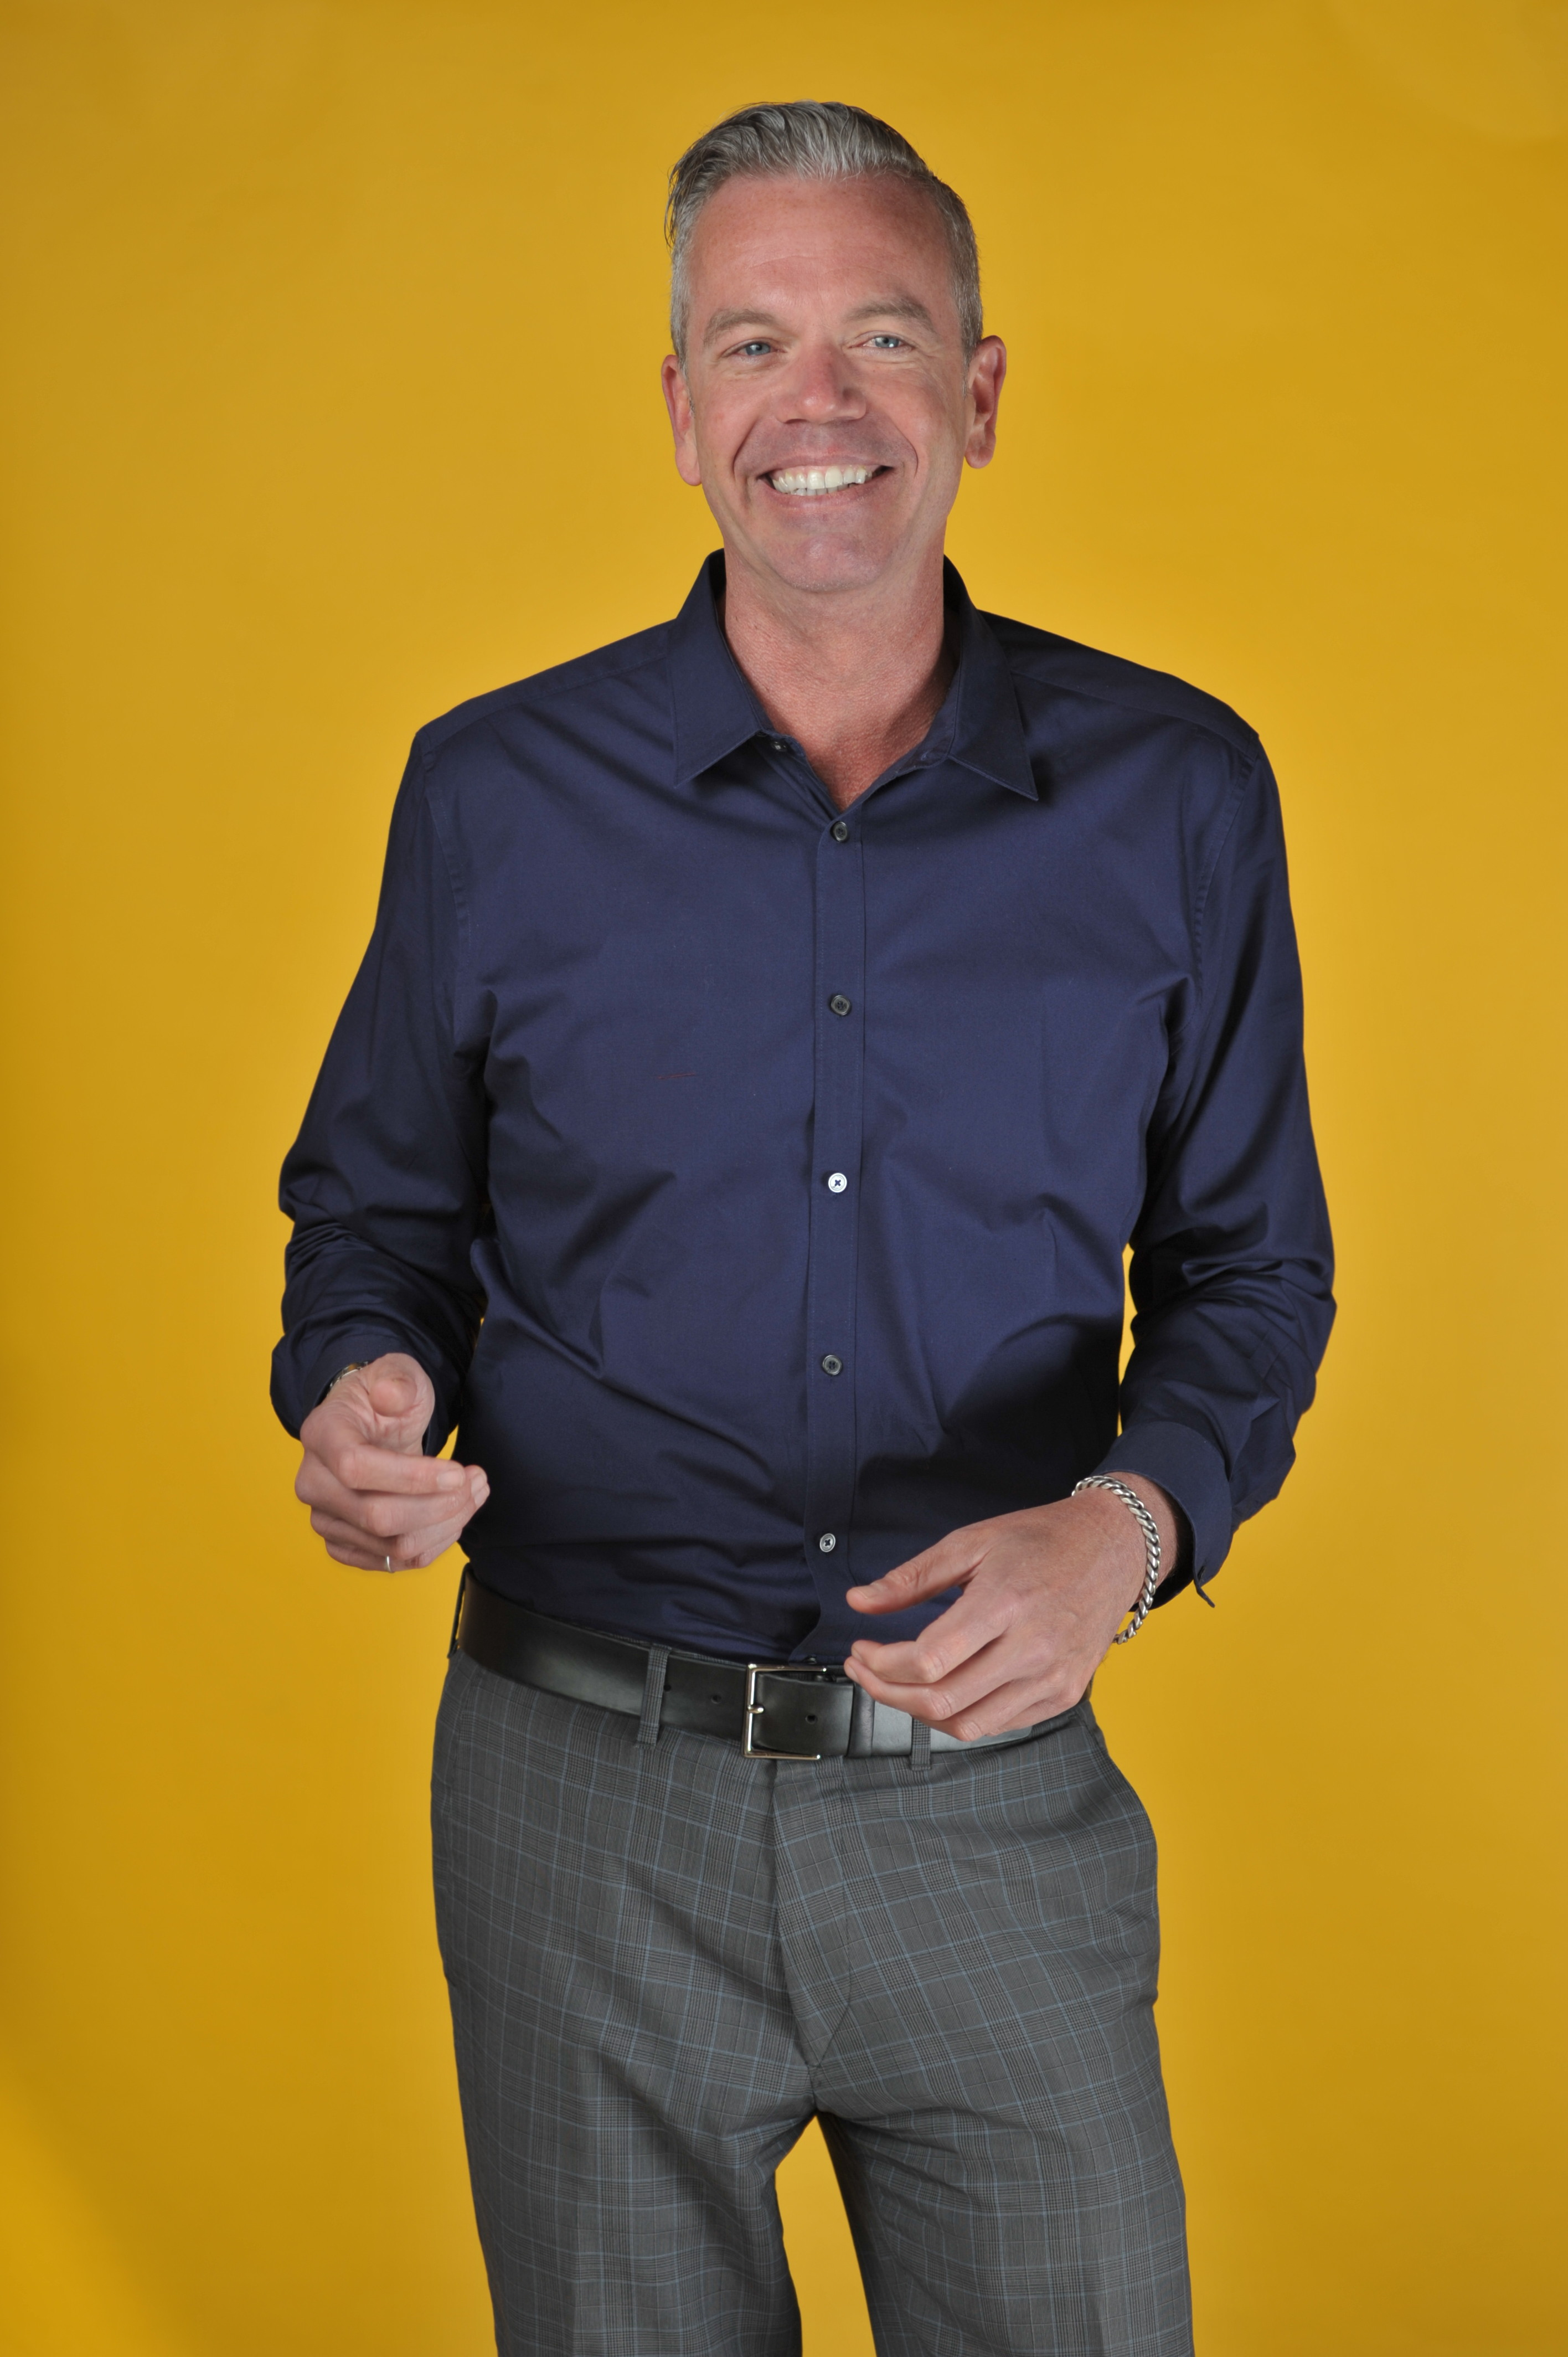 SRM Portrait